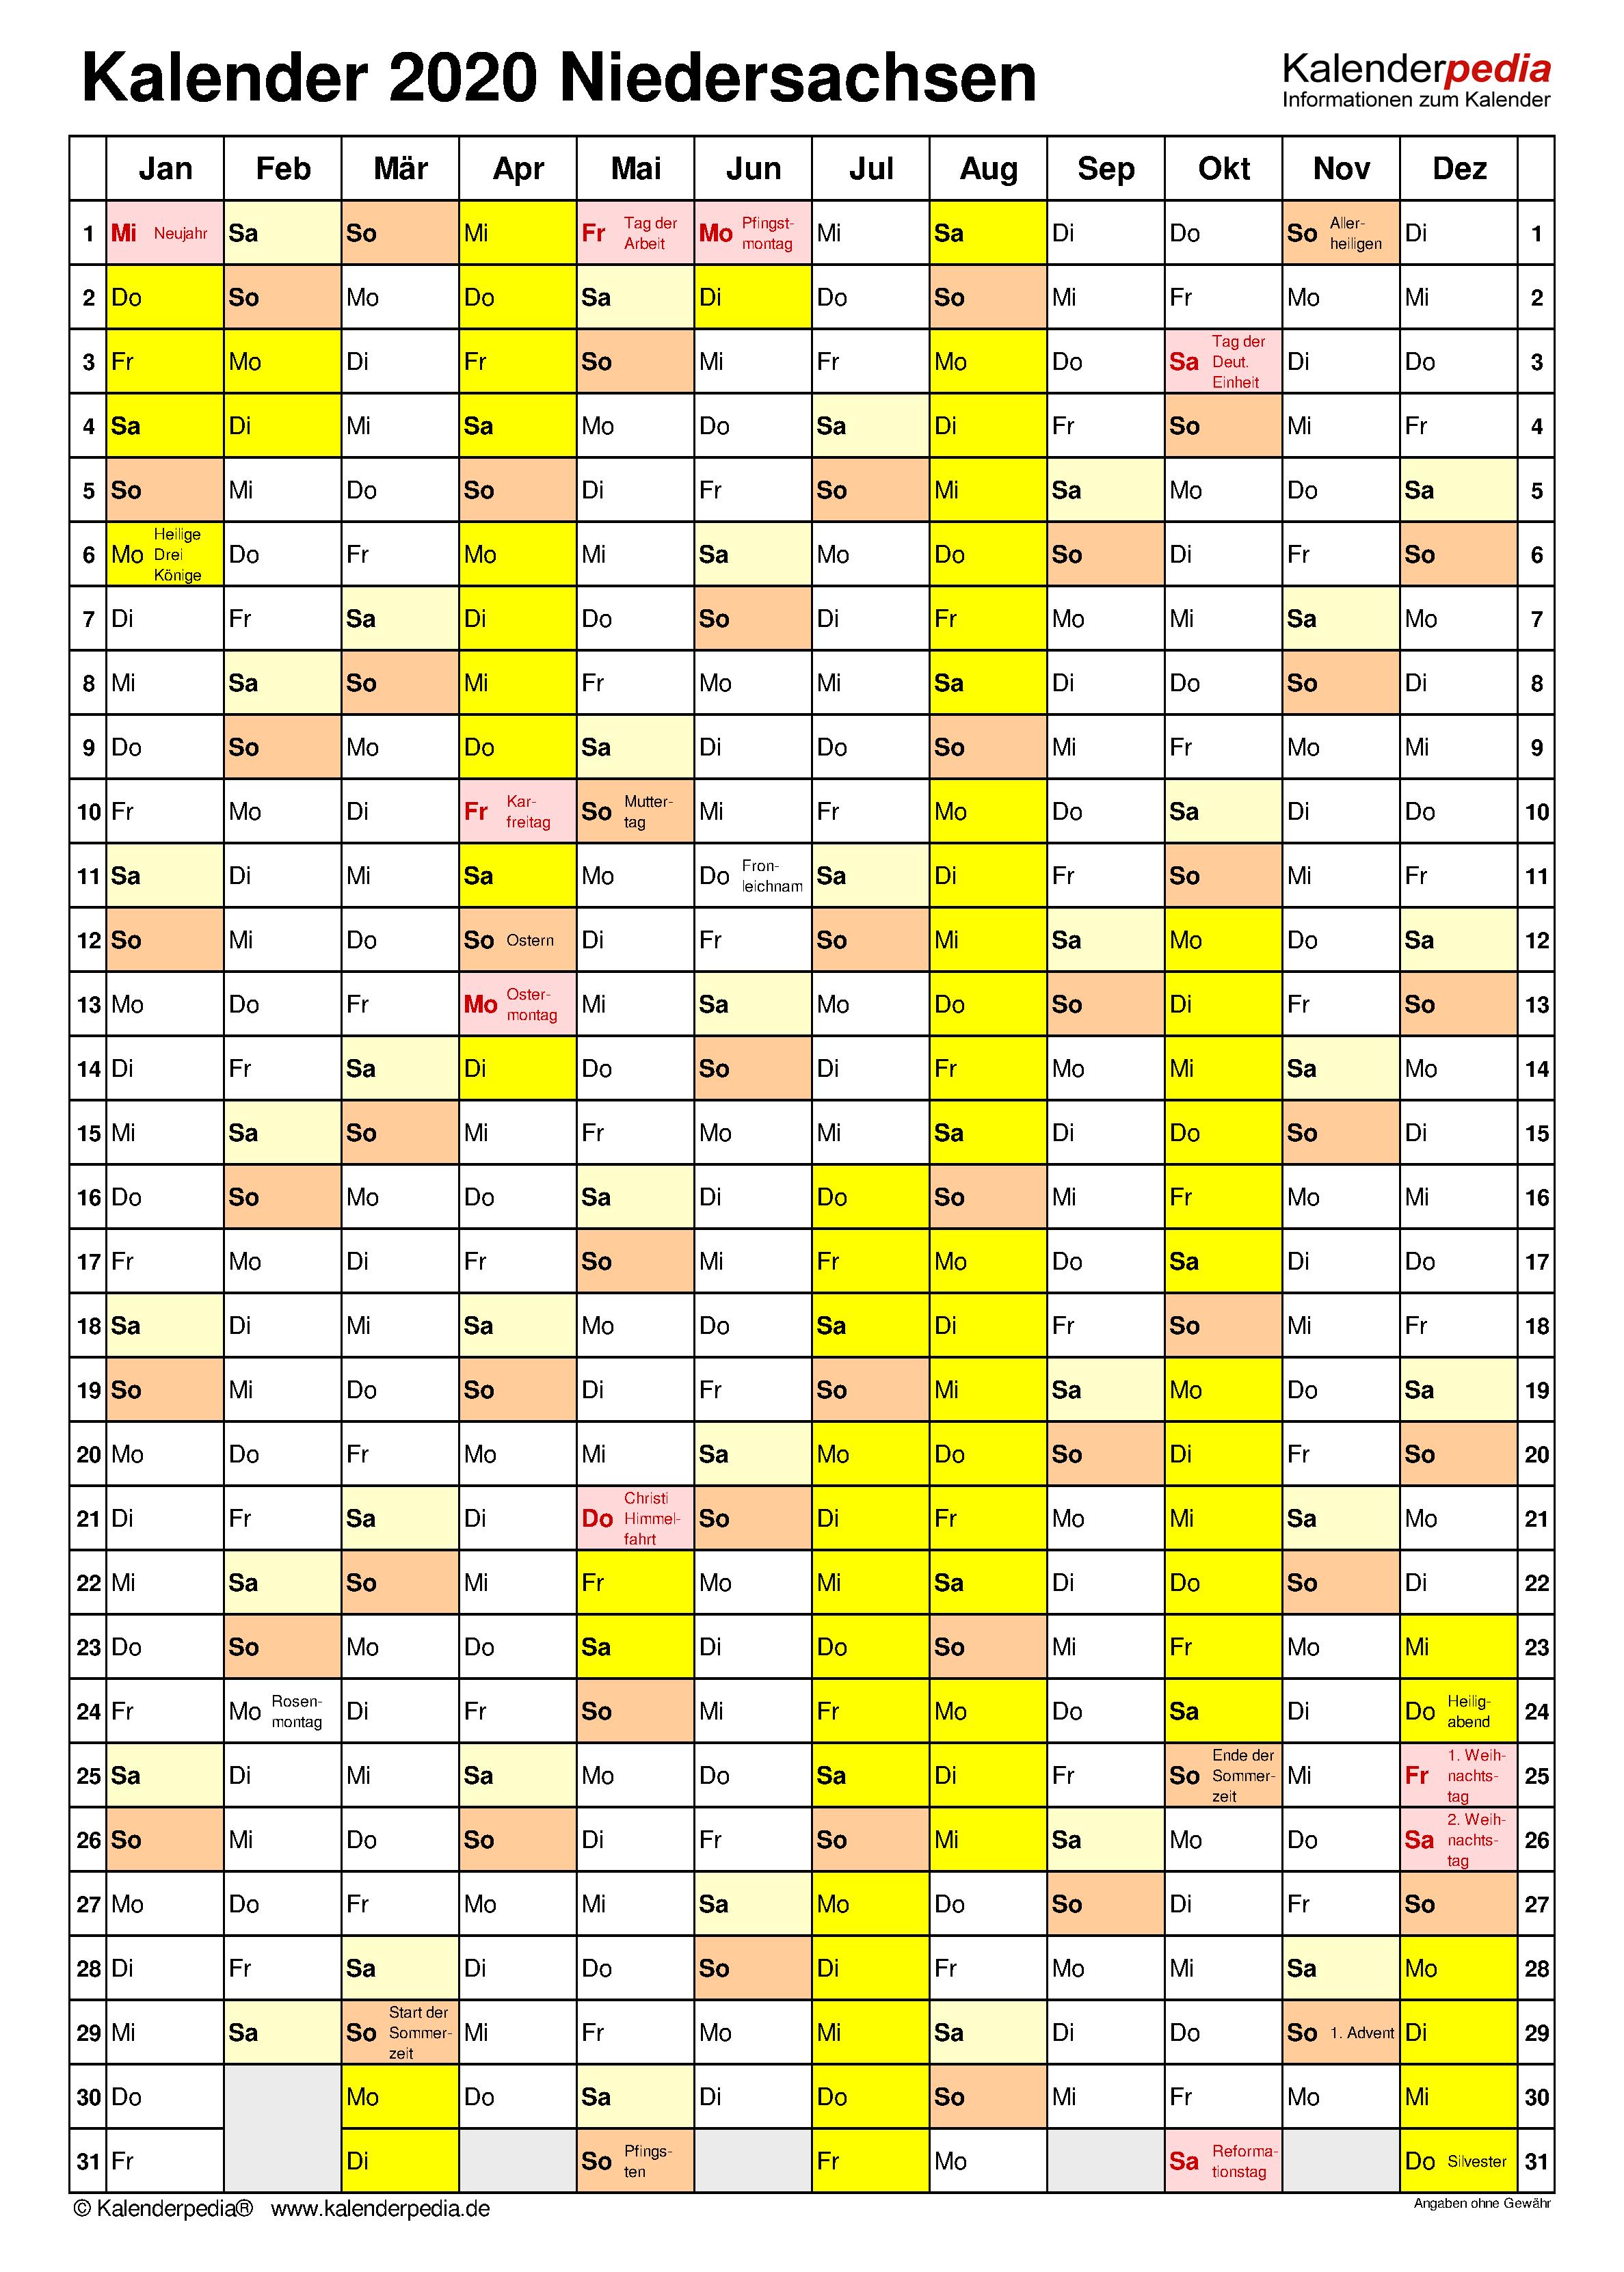 Kalender 2020 Mit Ferien Niedersachsen Ferienkalender